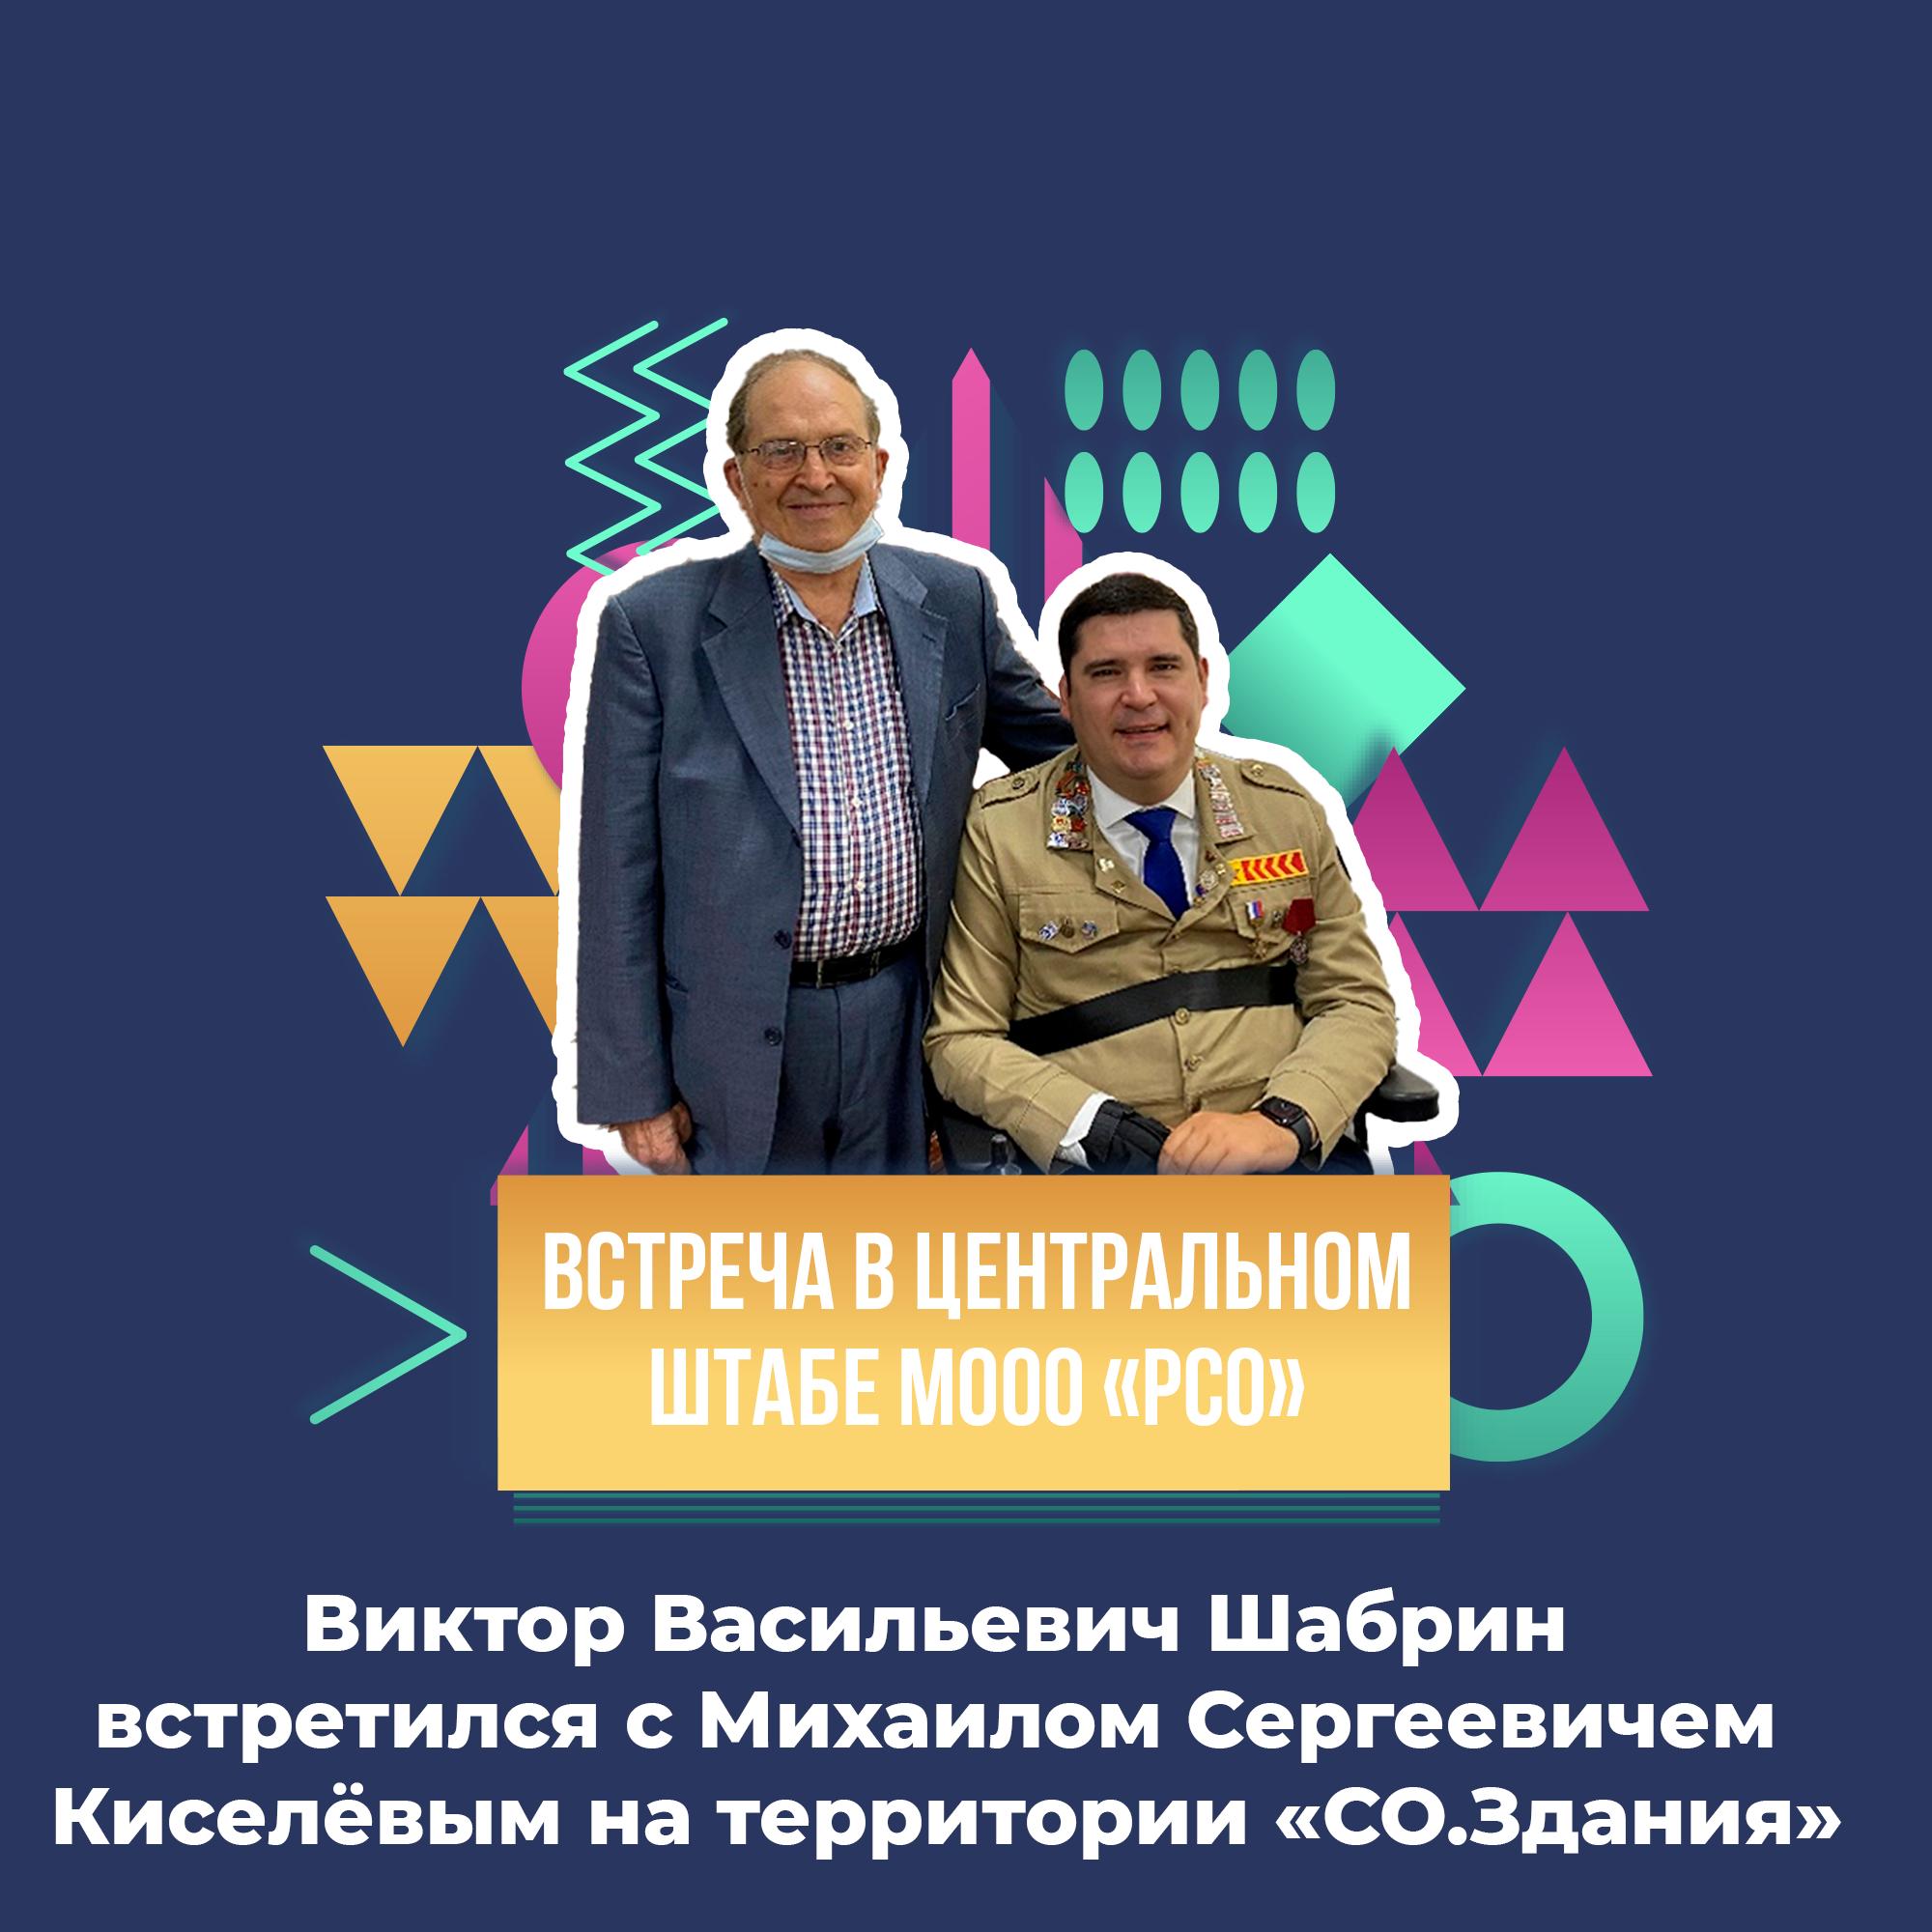 Встреча в центральном штабе